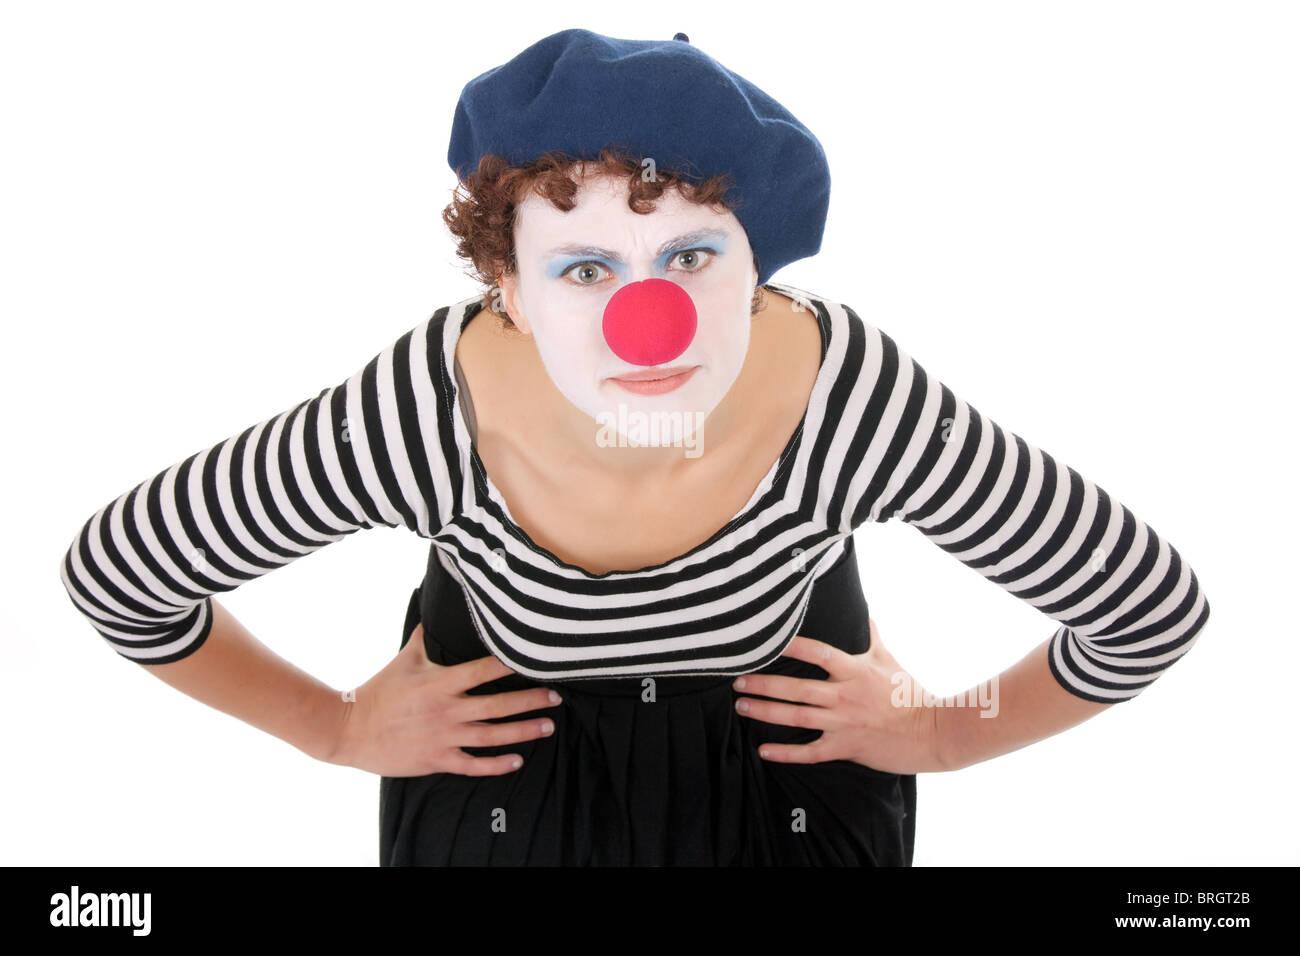 Junge Frau Tragen Clown Gesicht Bucken Und Blick In Die Kamera